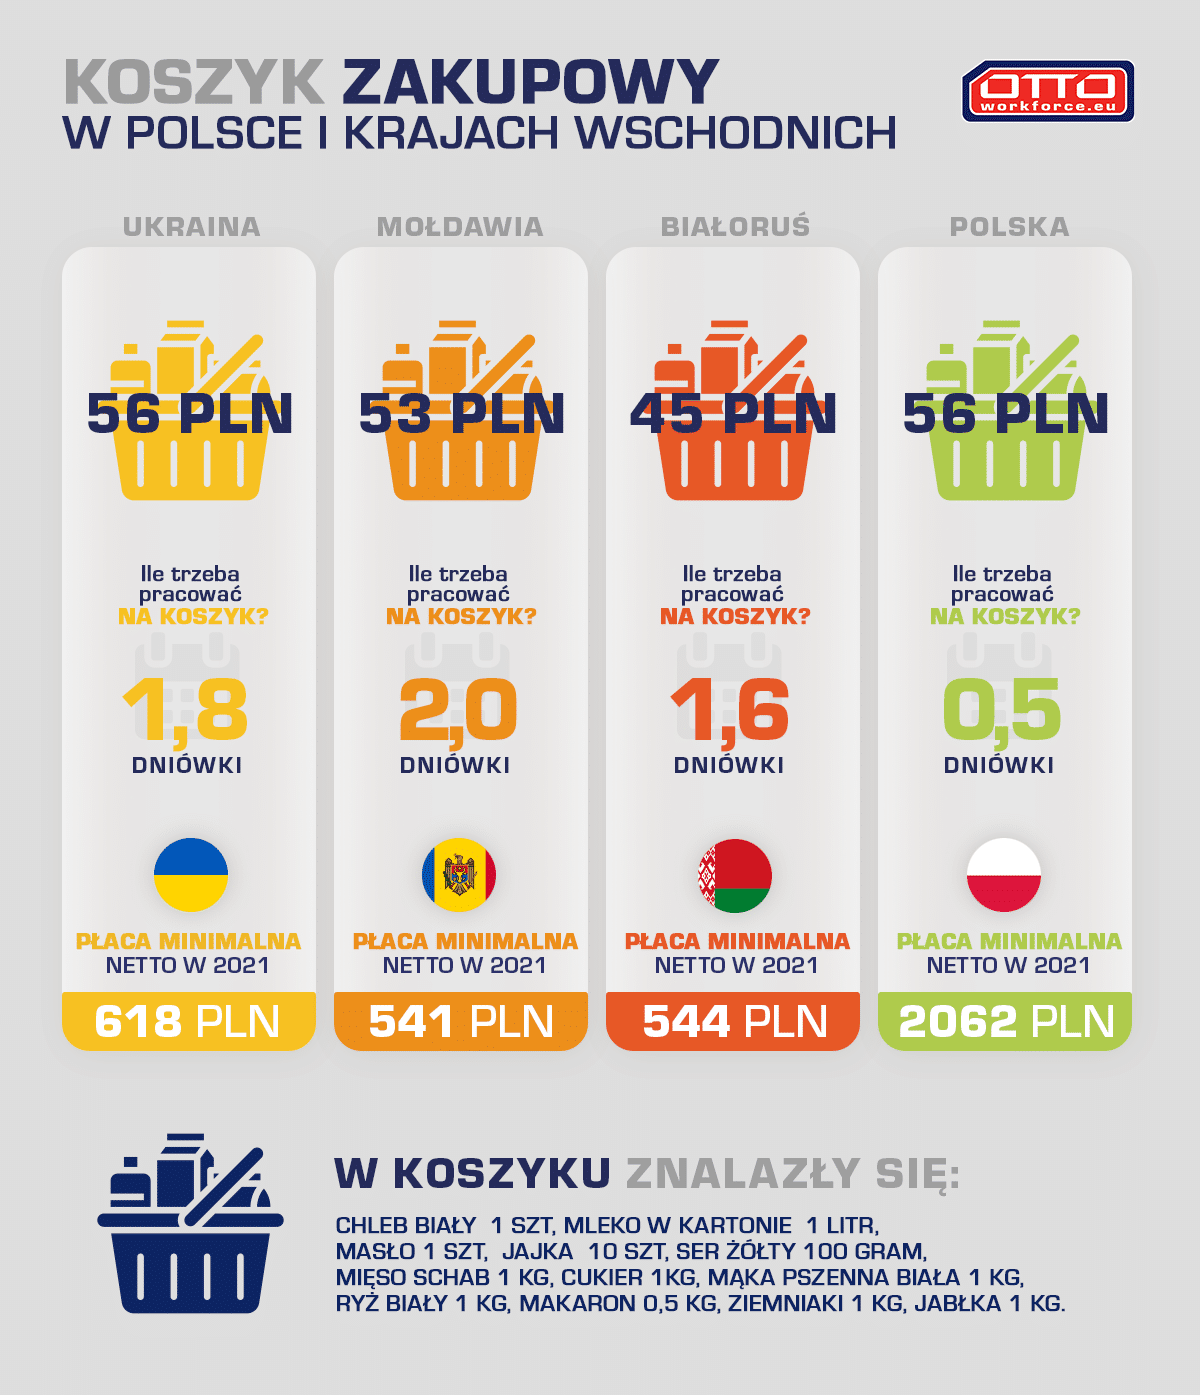 koszyk zakupowy – opracowanie OTTO Work Force Central Europe